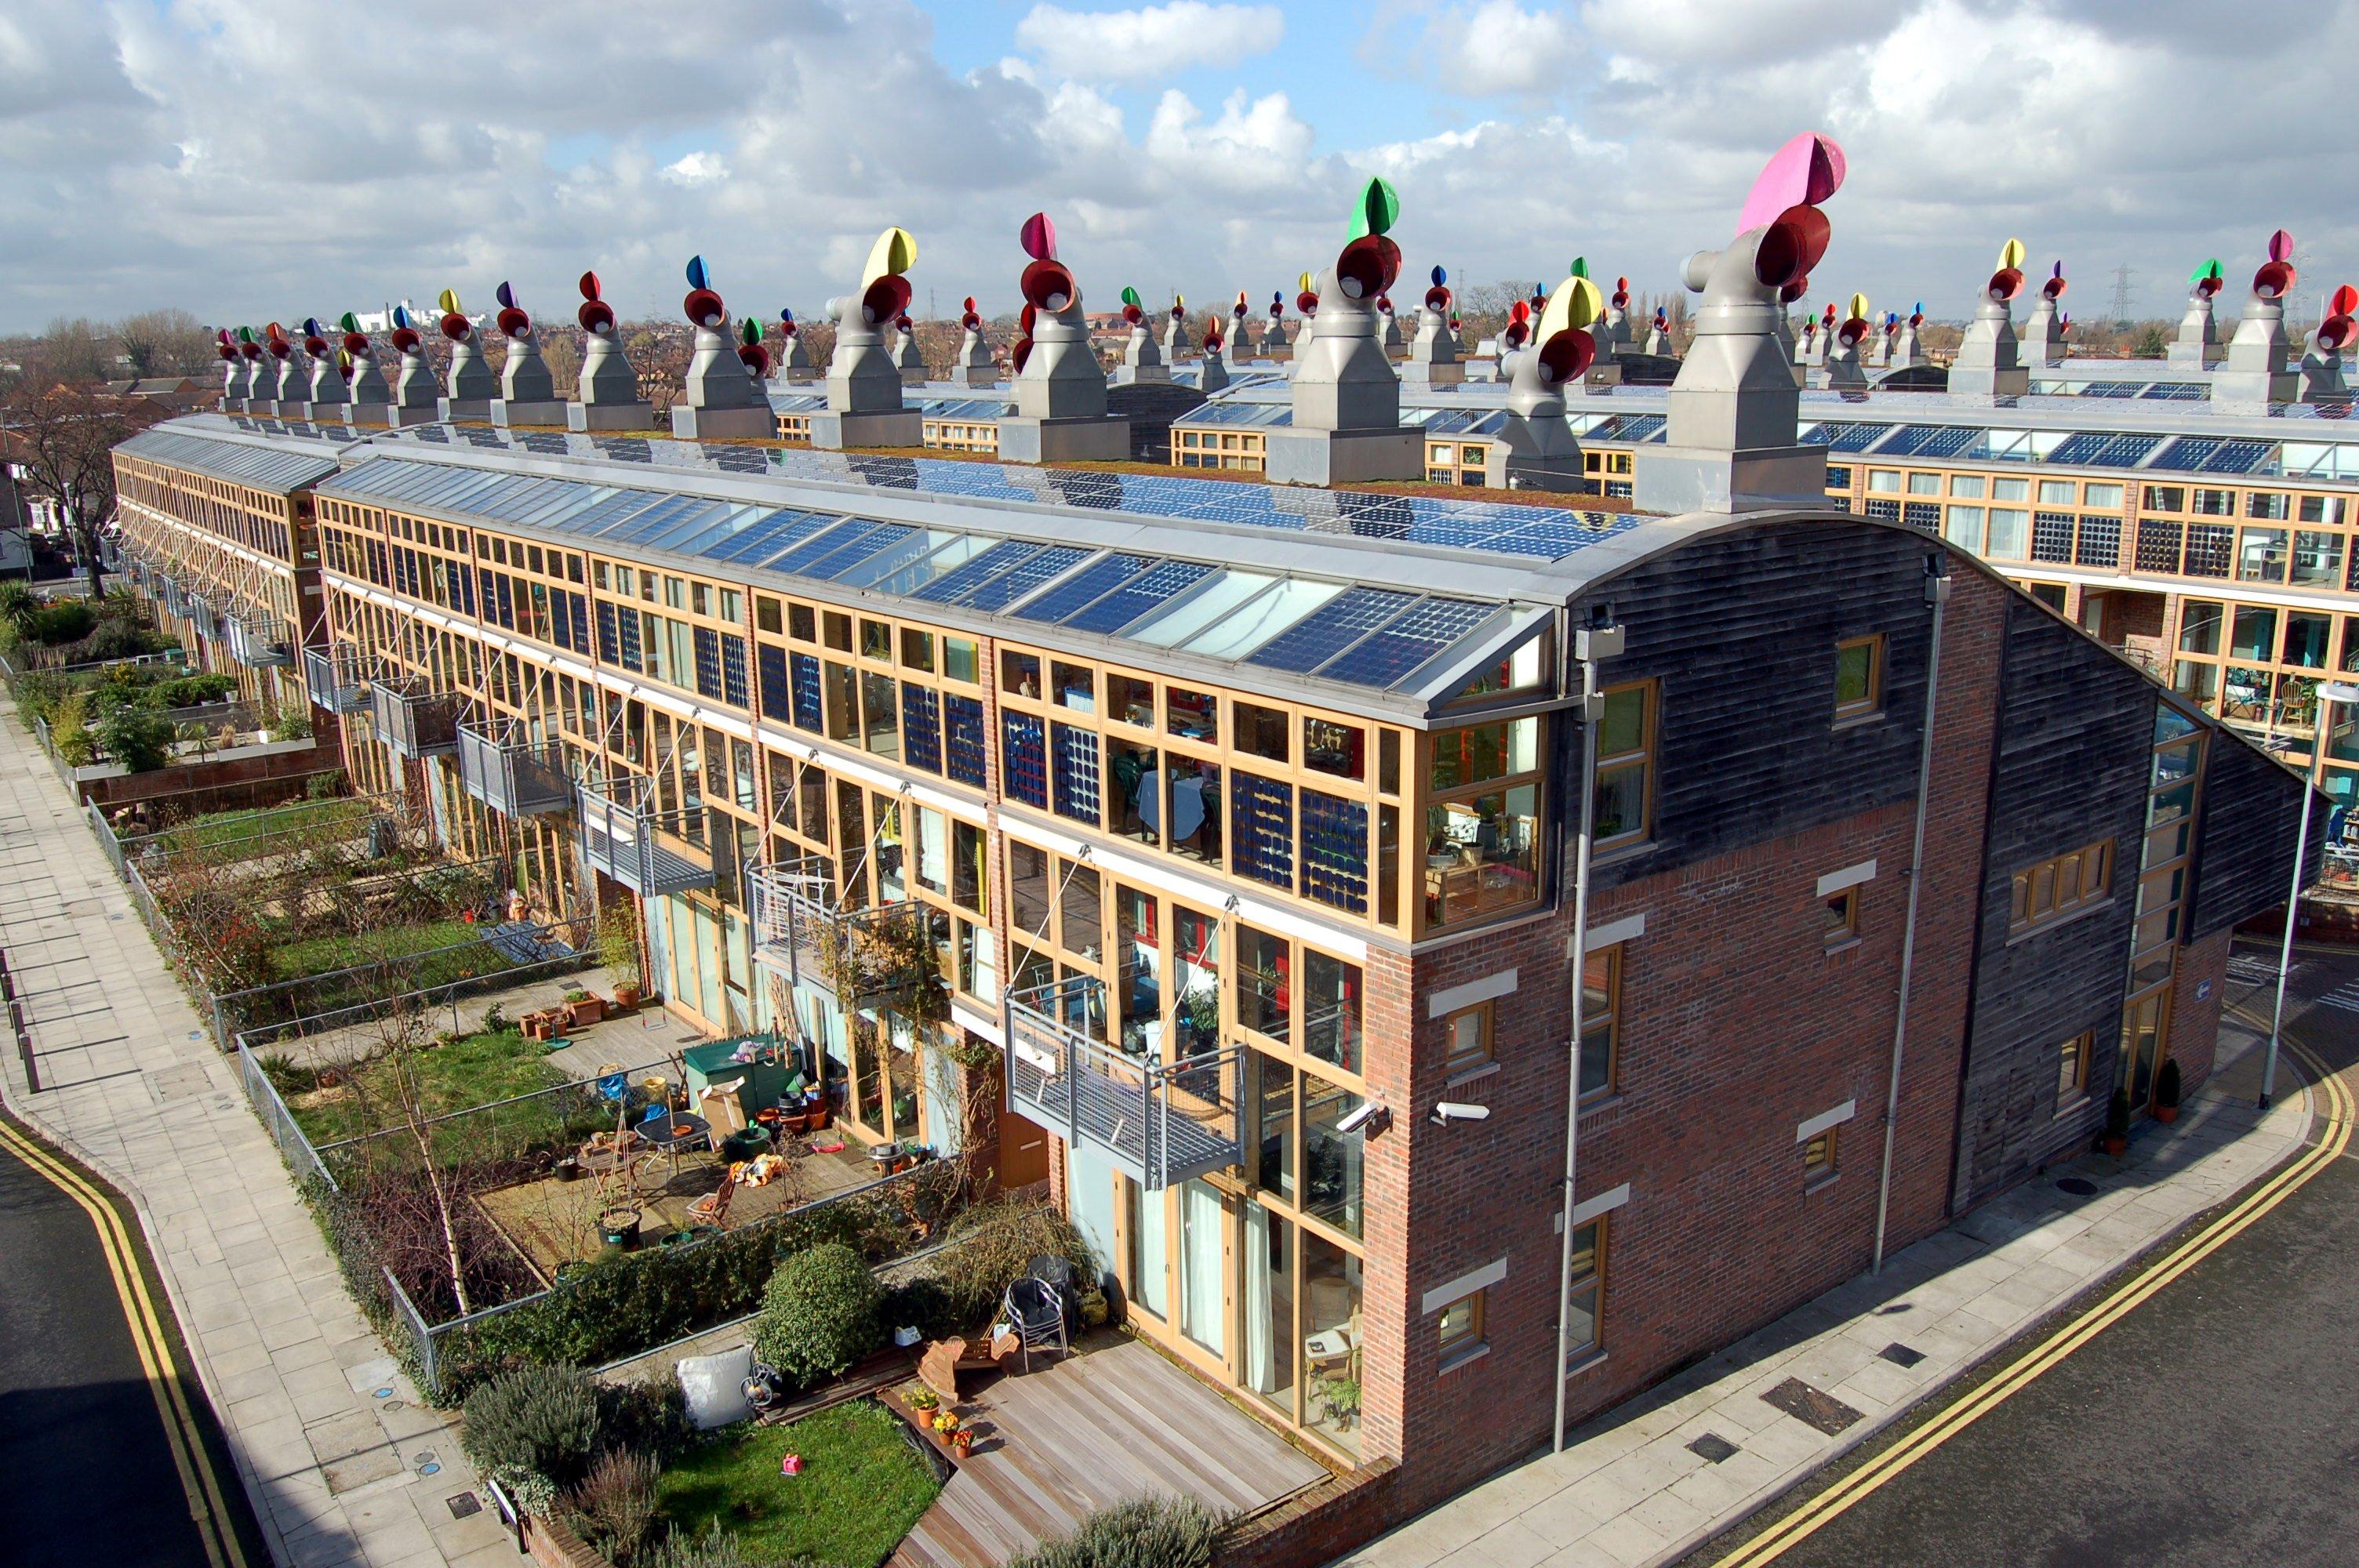 tzw. BedZED (Beddington Zero Energy Development) - przyjazne środowisku domy w Anglii; fot. Tom Chance (cc) wikimedia.org